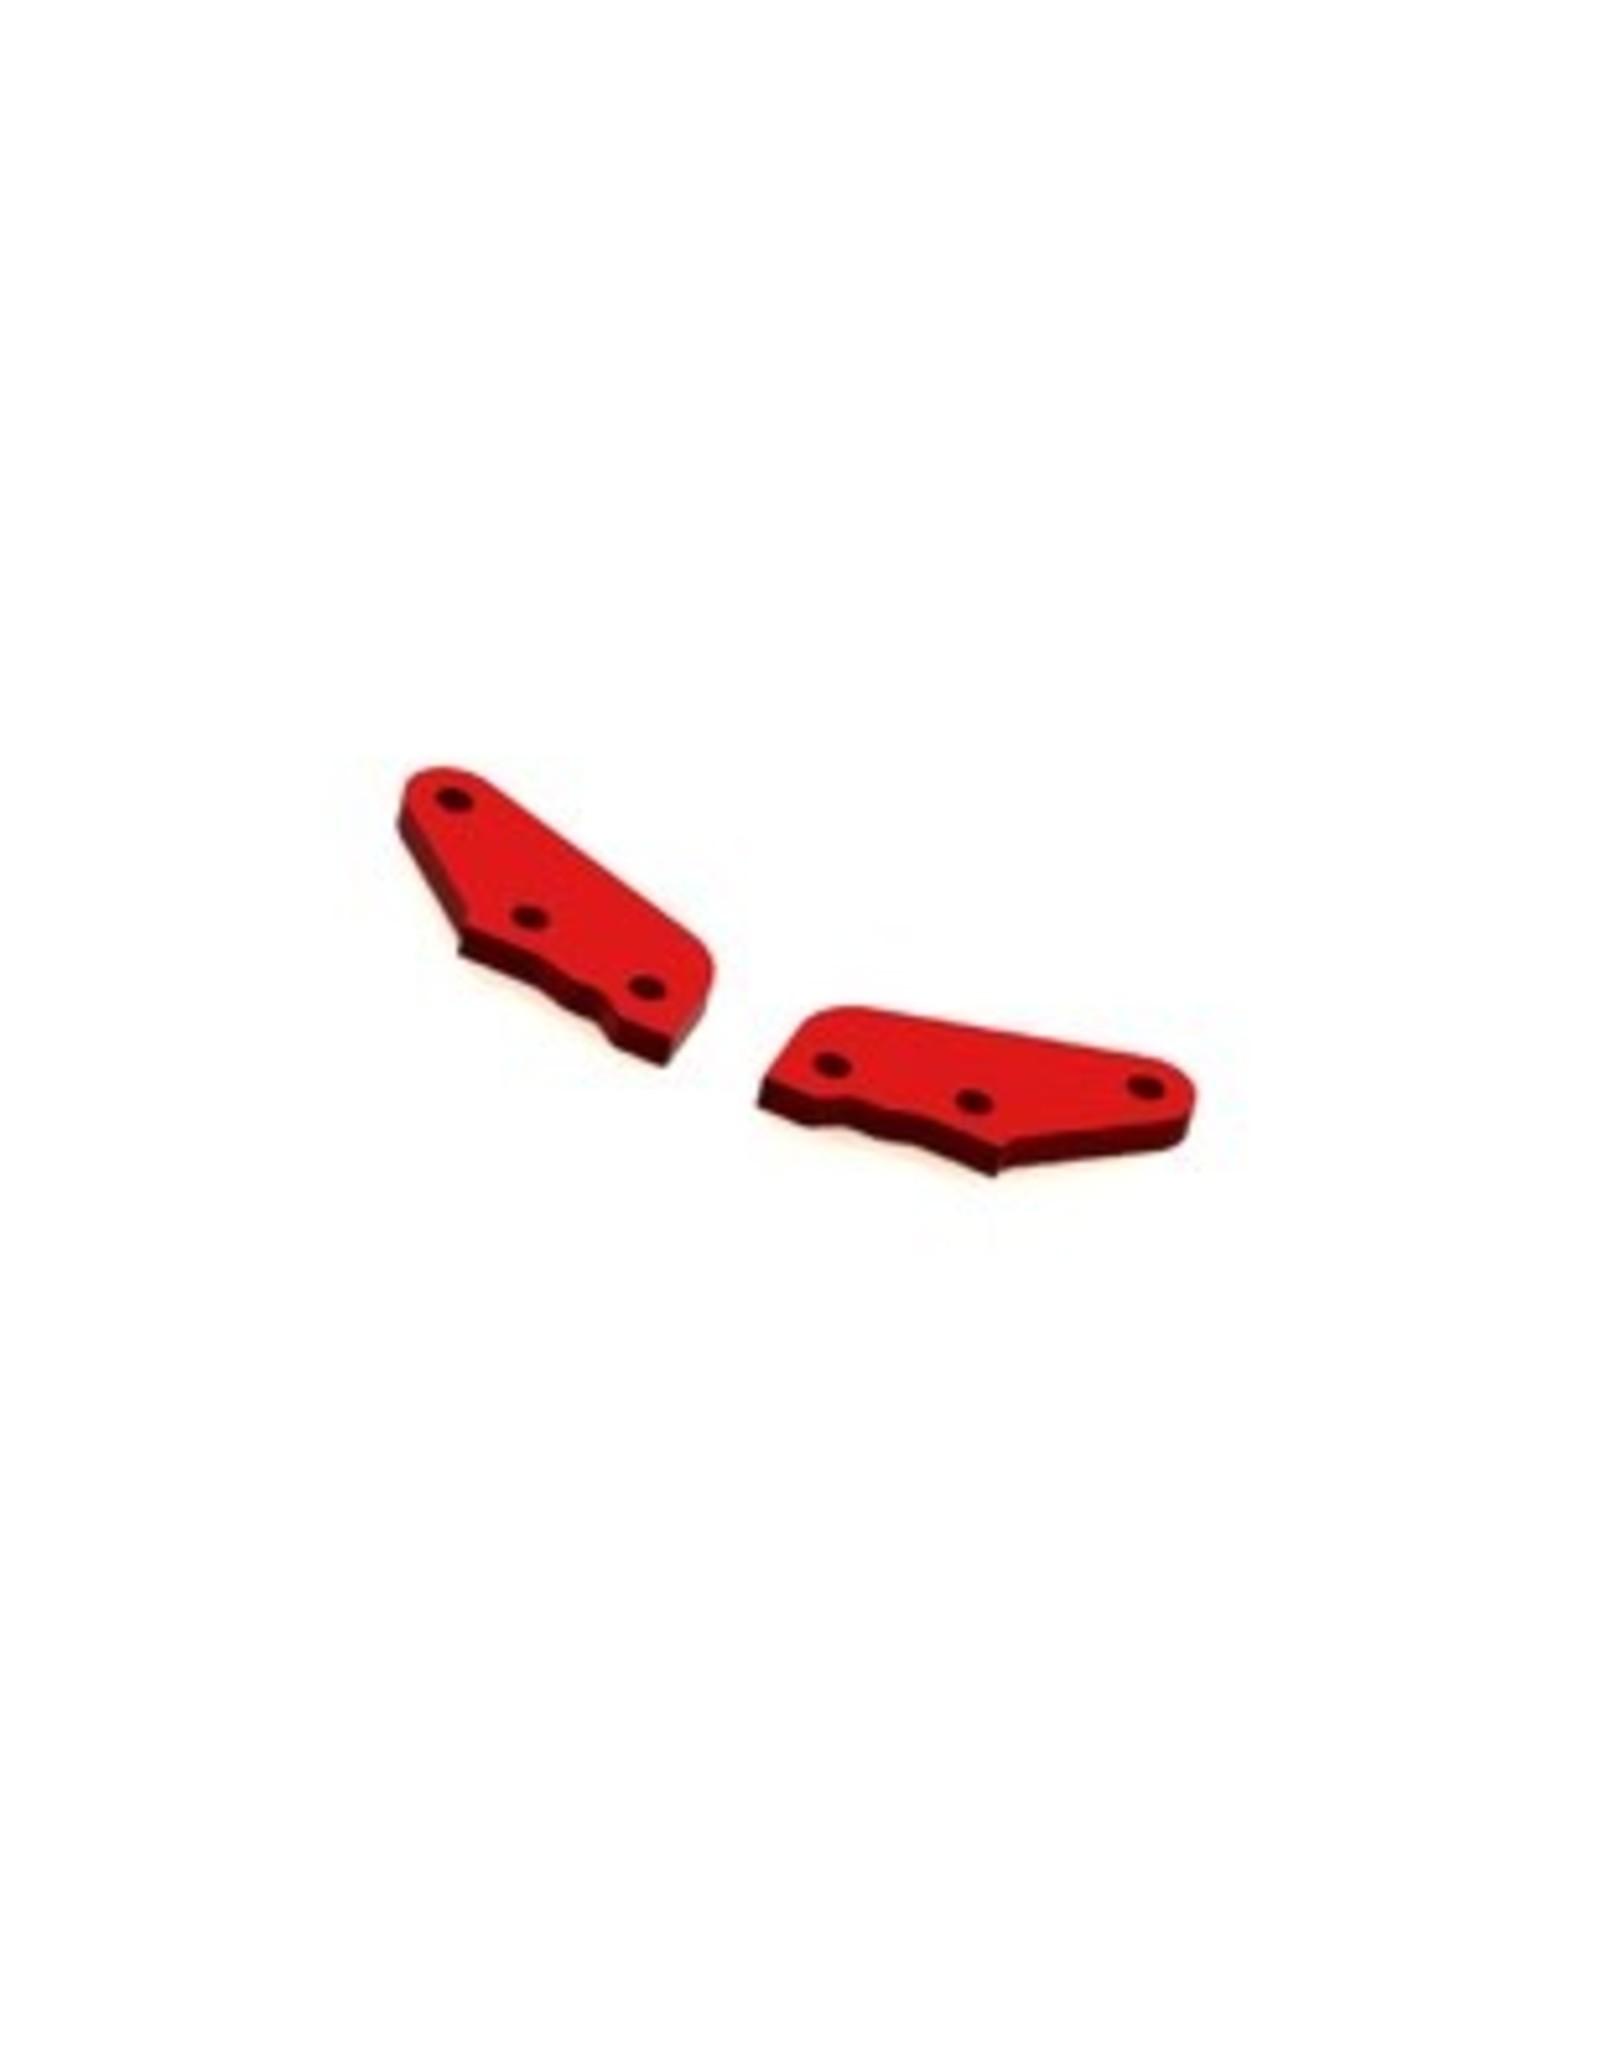 Arrma ARRMA Steering Plate A Aluminum Red (2)